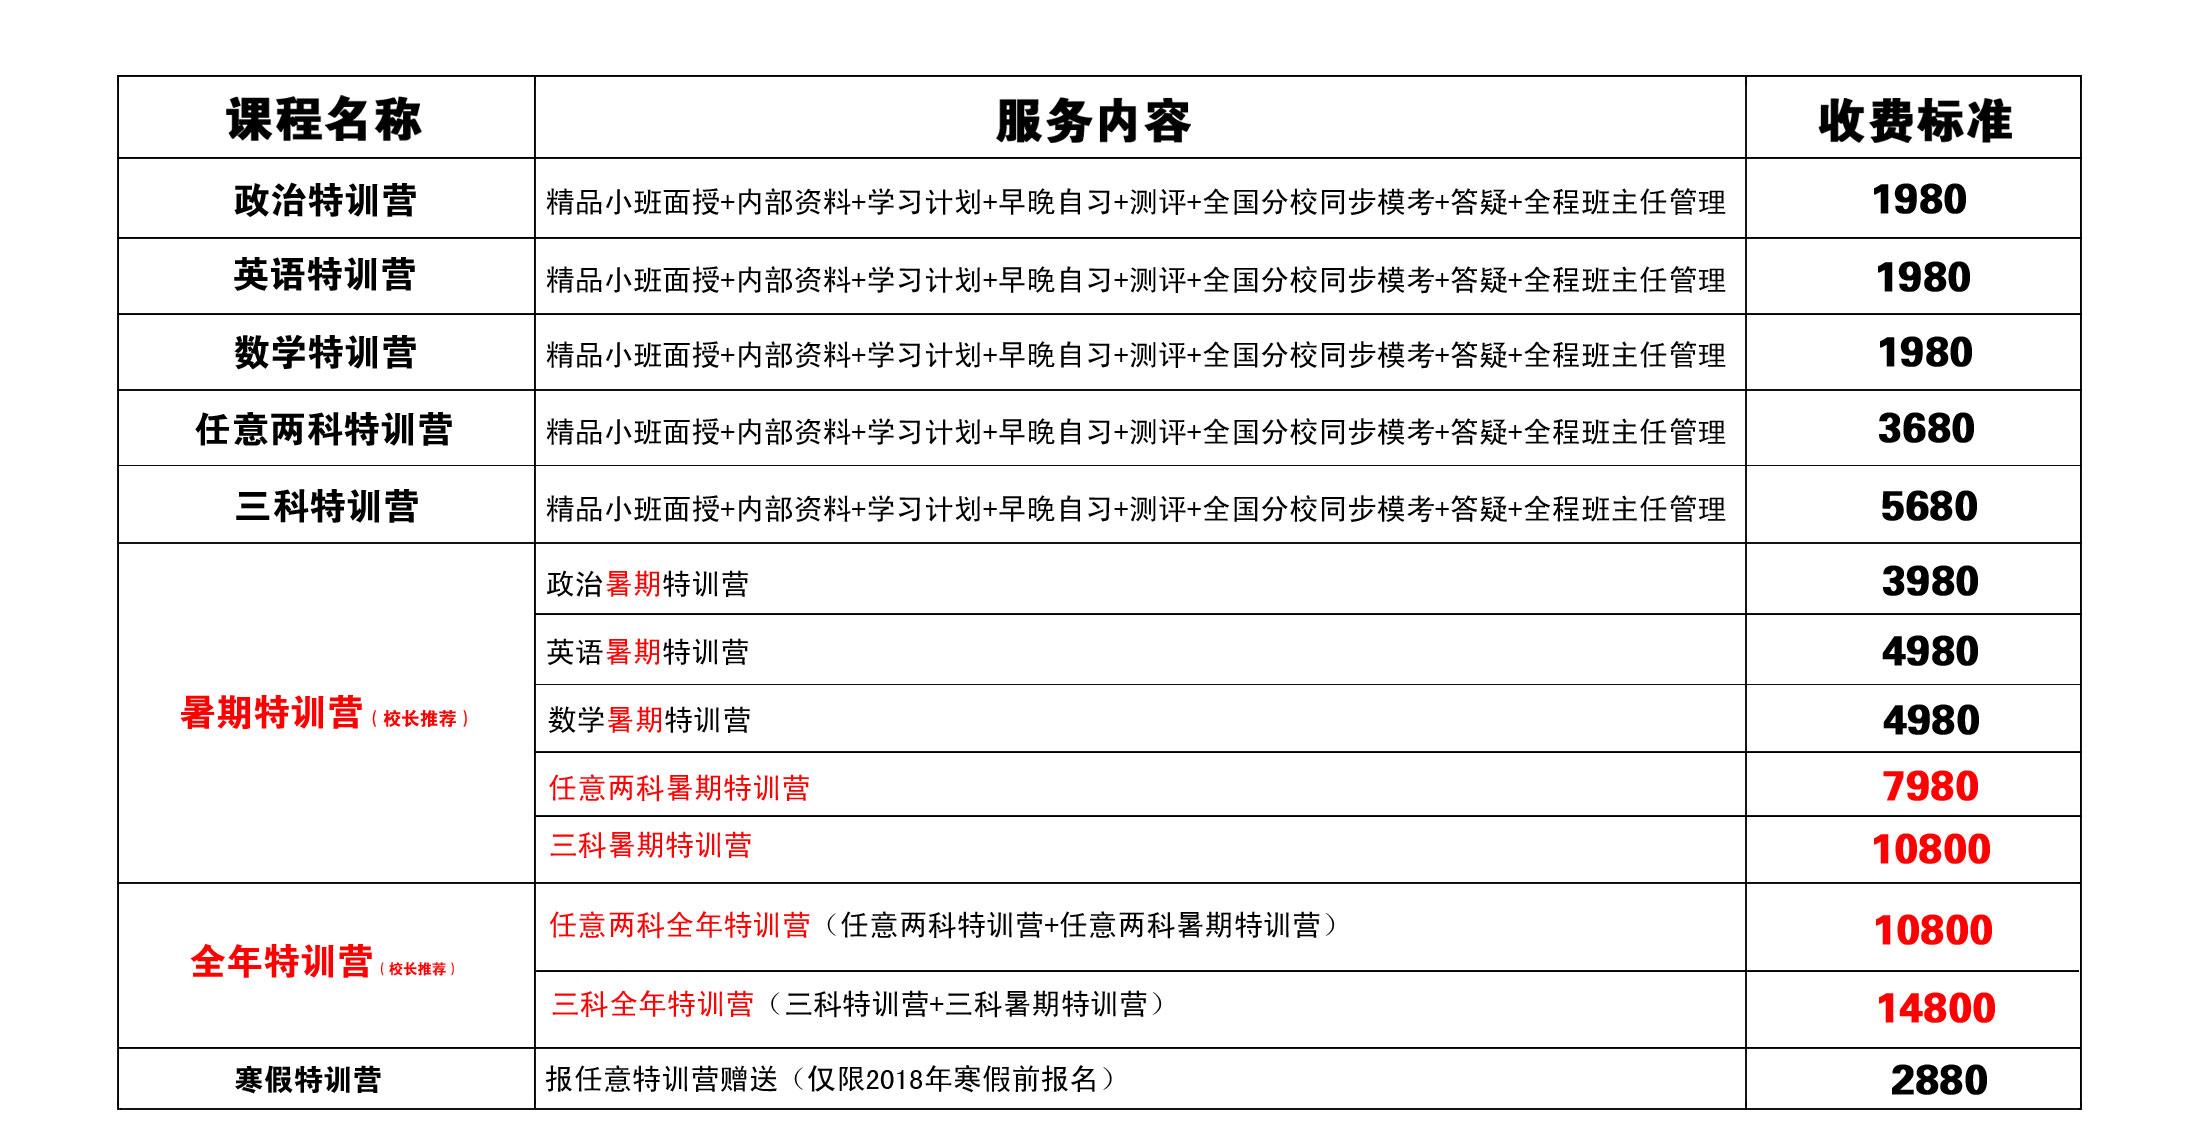 芜湖海天考研辅导班价格